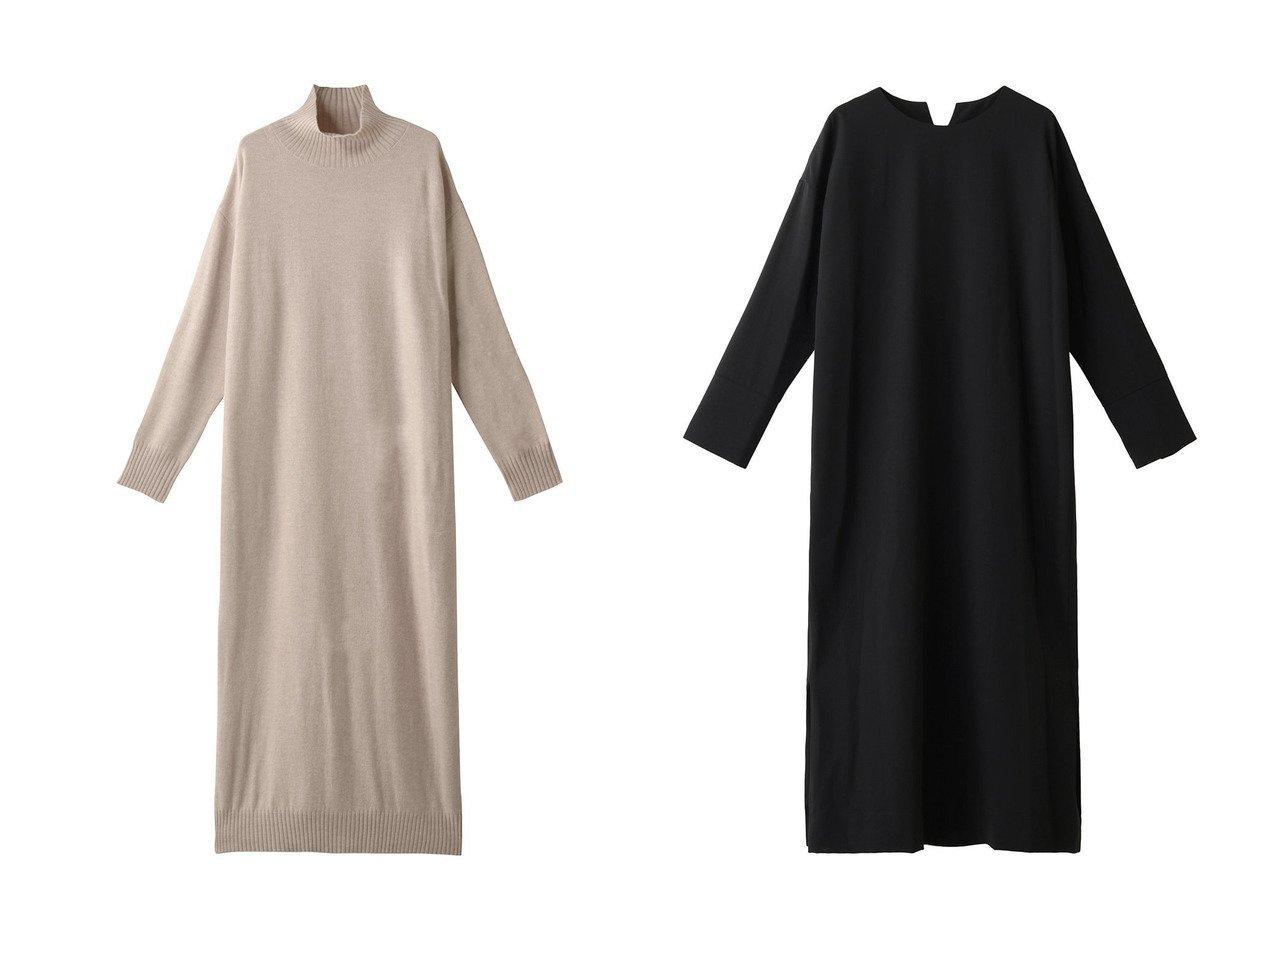 【SACRA/サクラ】のハーフウーステッドワンピース&【PLAIN PEOPLE/プレインピープル】のウールローンワンピース ワンピース・ドレスのおすすめ!人気、レディースファッションの通販  おすすめで人気のファッション通販商品 インテリア・家具・キッズファッション・メンズファッション・レディースファッション・服の通販 founy(ファニー) https://founy.com/ ファッション Fashion レディース WOMEN ワンピース Dress スタイリッシュ スリット ハイネック ロング シューズ シンプル 定番  ID:crp329100000000708